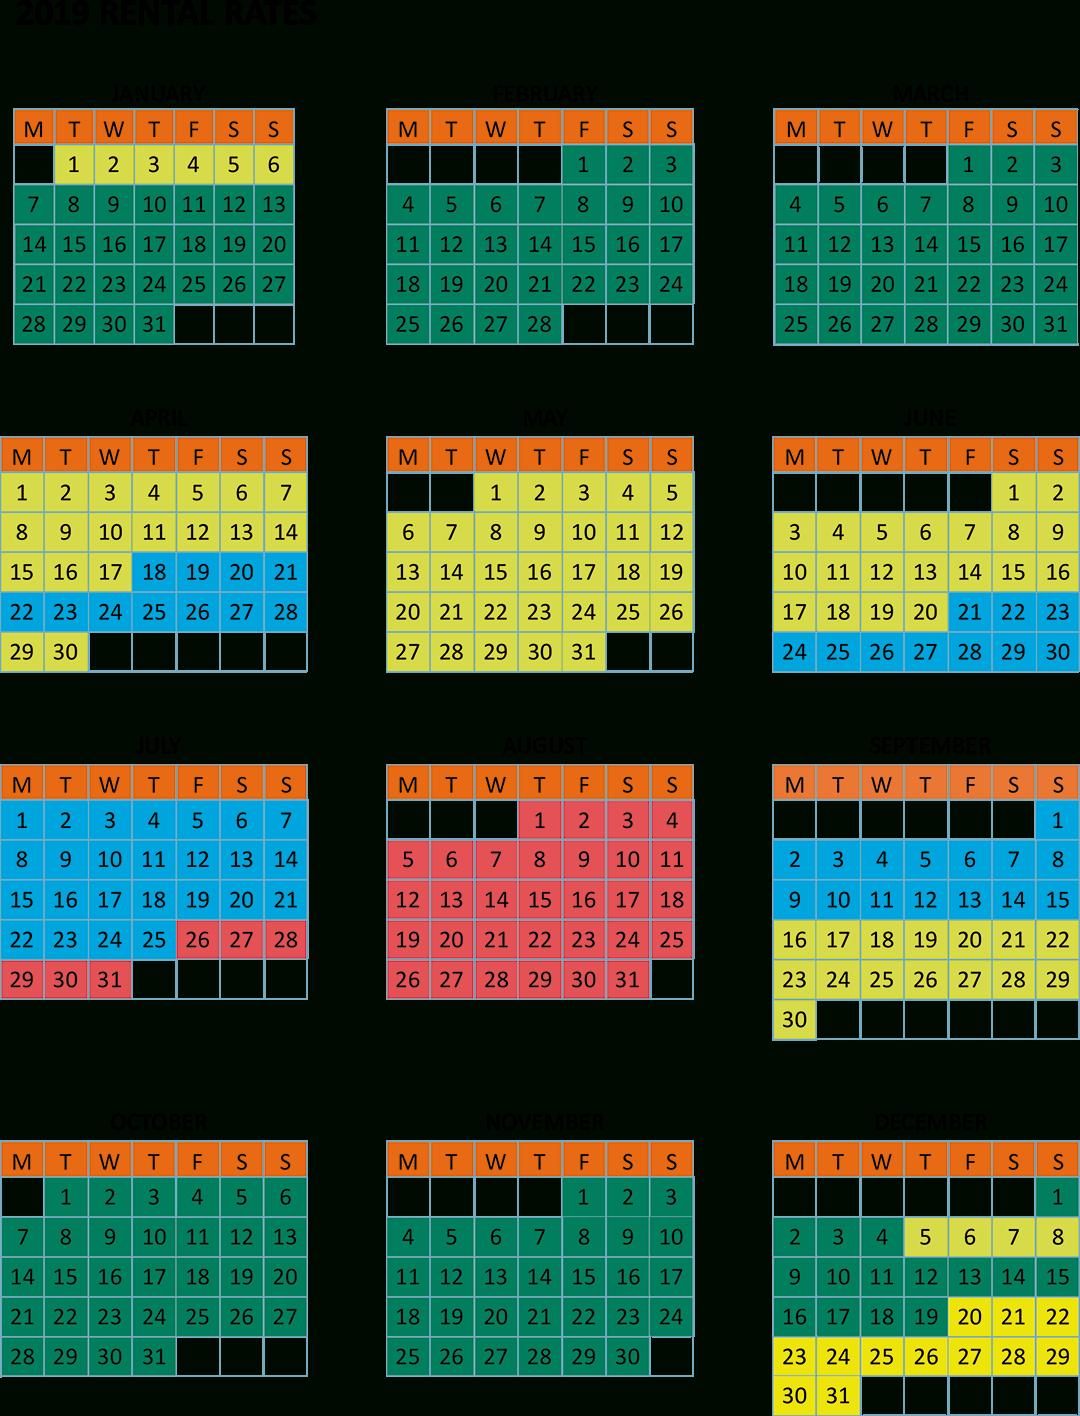 Calendar And Rates Calendar 2019 Rates